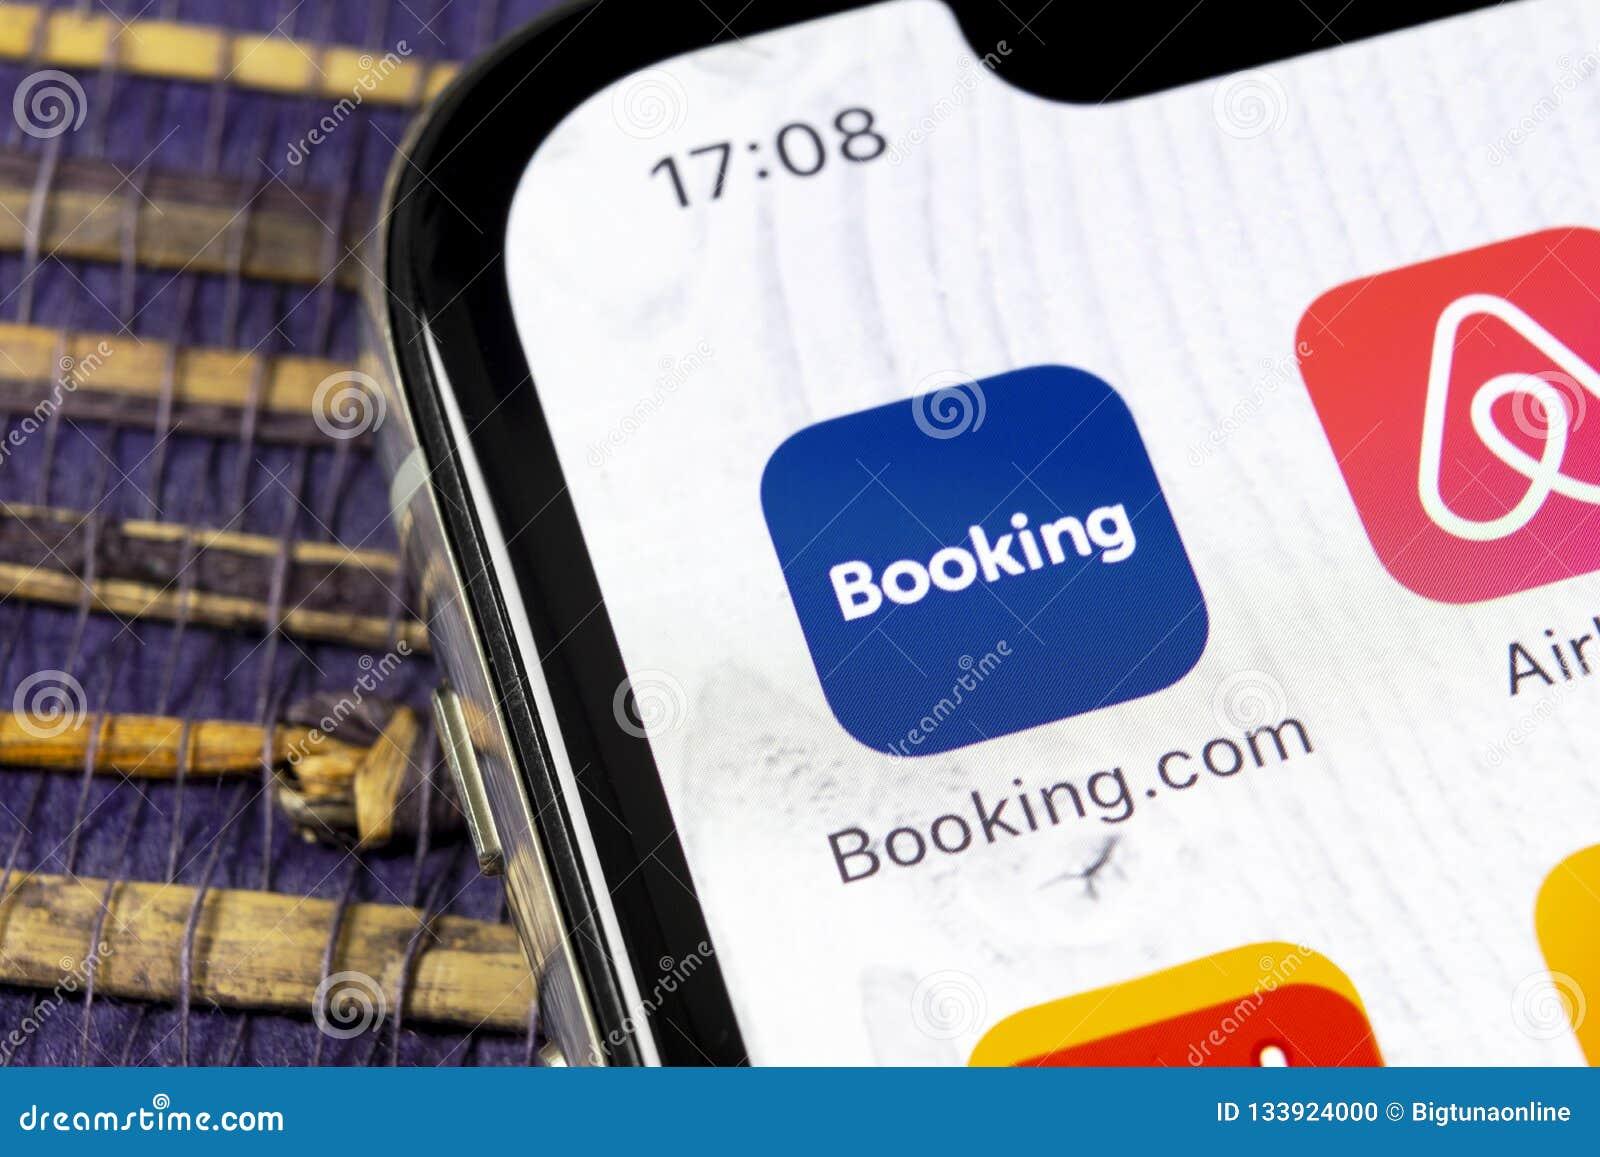 预订 com在苹果计算机iPhone x屏幕特写镜头的应用象 售票app象 预订 com 社会媒介app 3d网络照片回报了社交